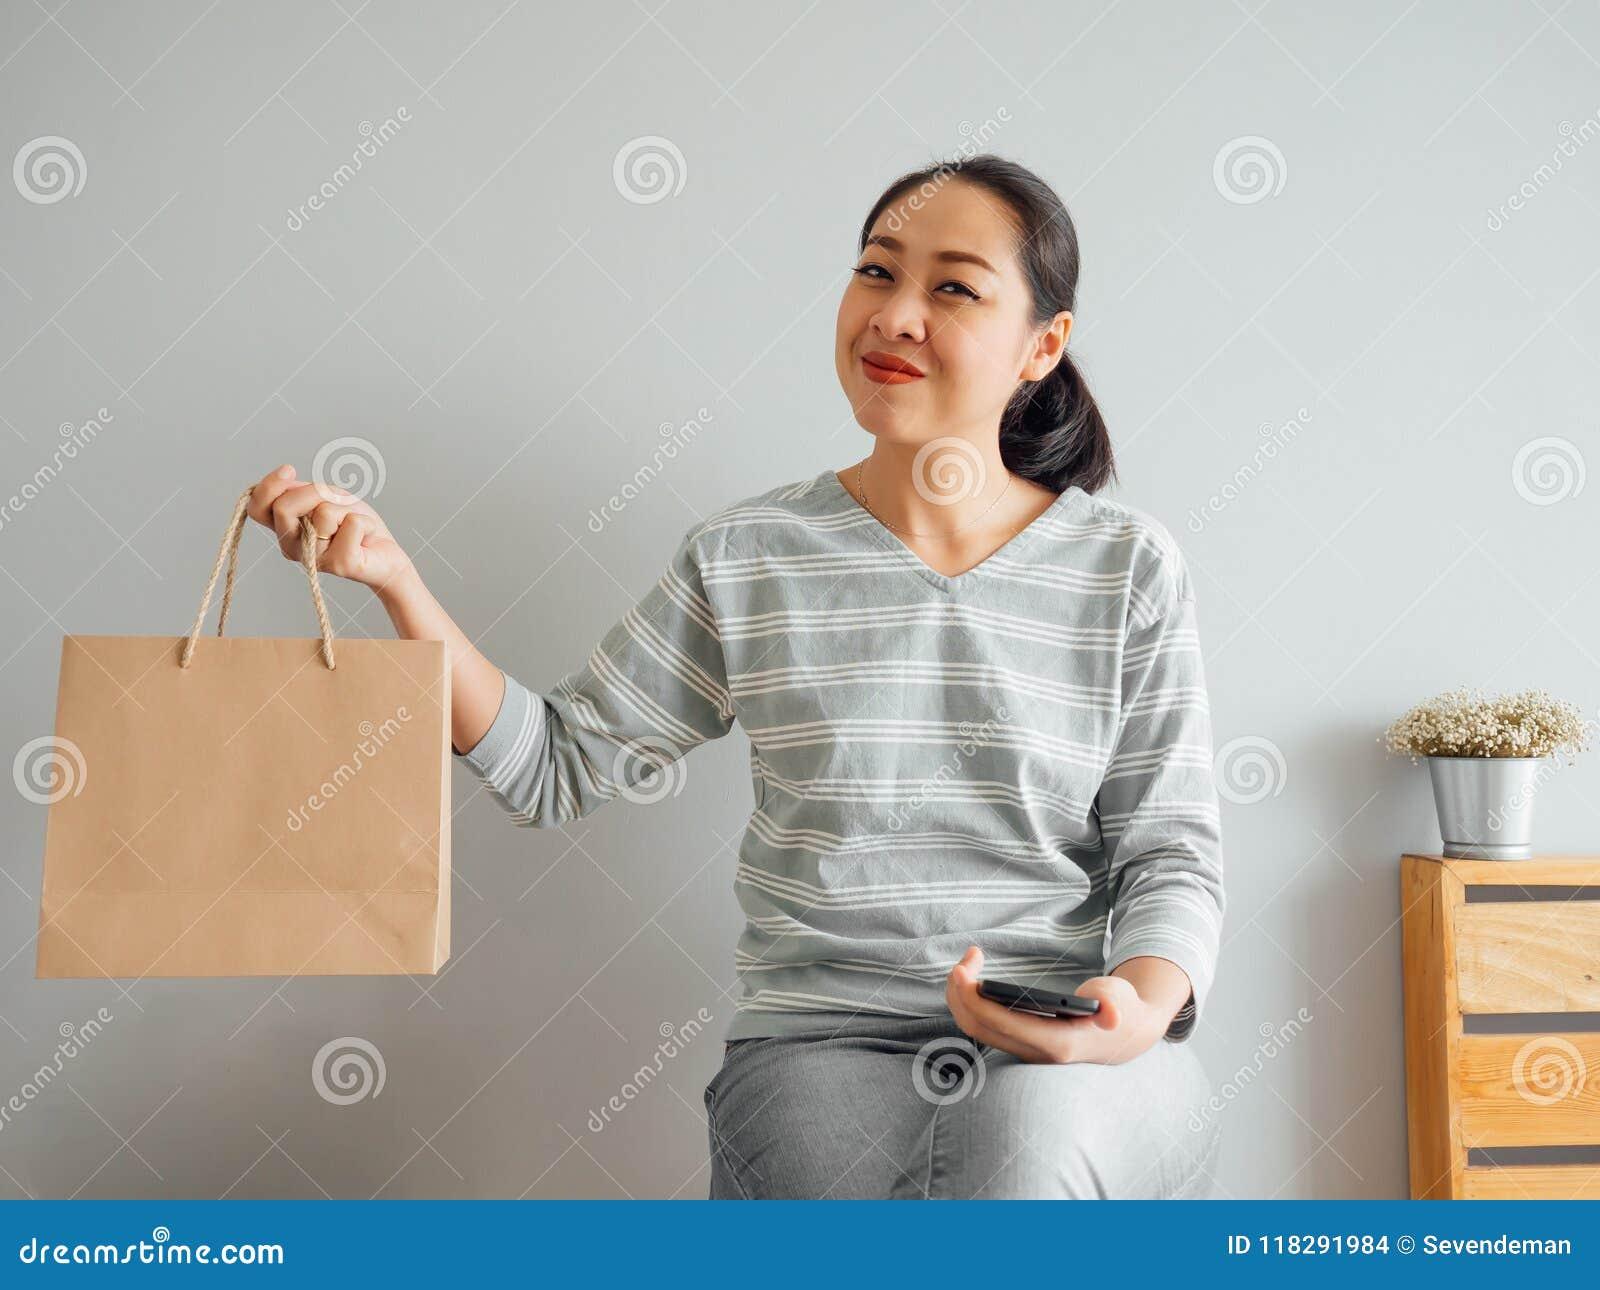 Kobieta pokazuje daleko pust? papierow? torb? produkt nabywa? online Poj?cie online zakupy